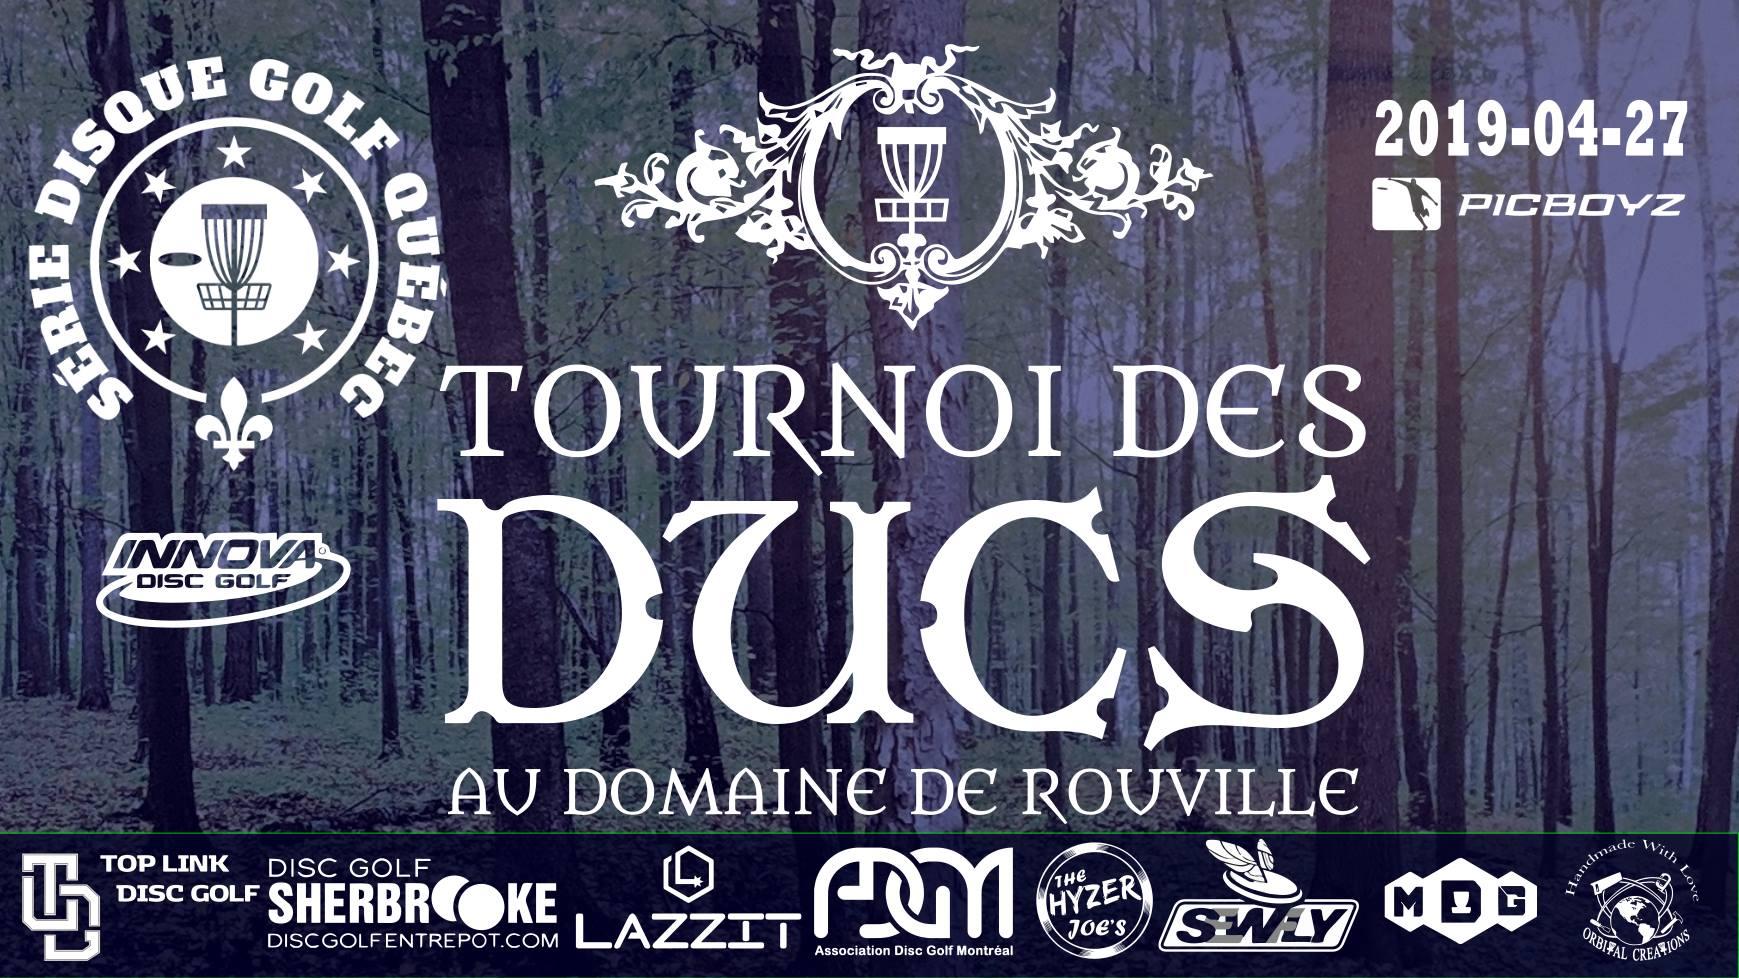 ducs de rouville 3 III Tournois SDGQ 2019